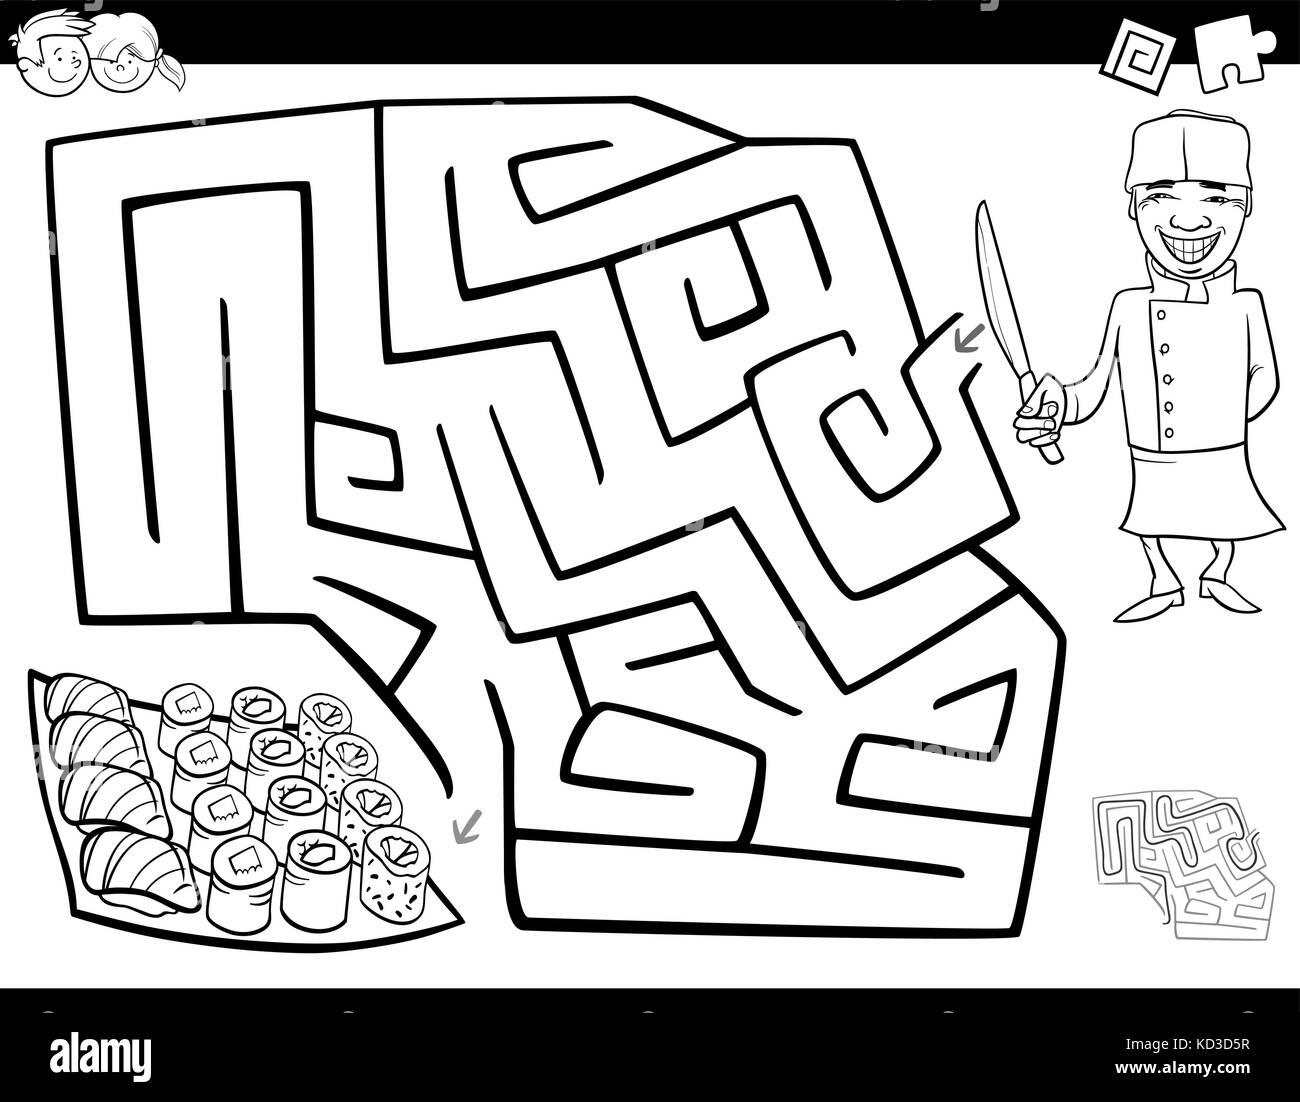 Bianco E Nero Cartoon Illustrazione Del Labirinto Di Istruzione O